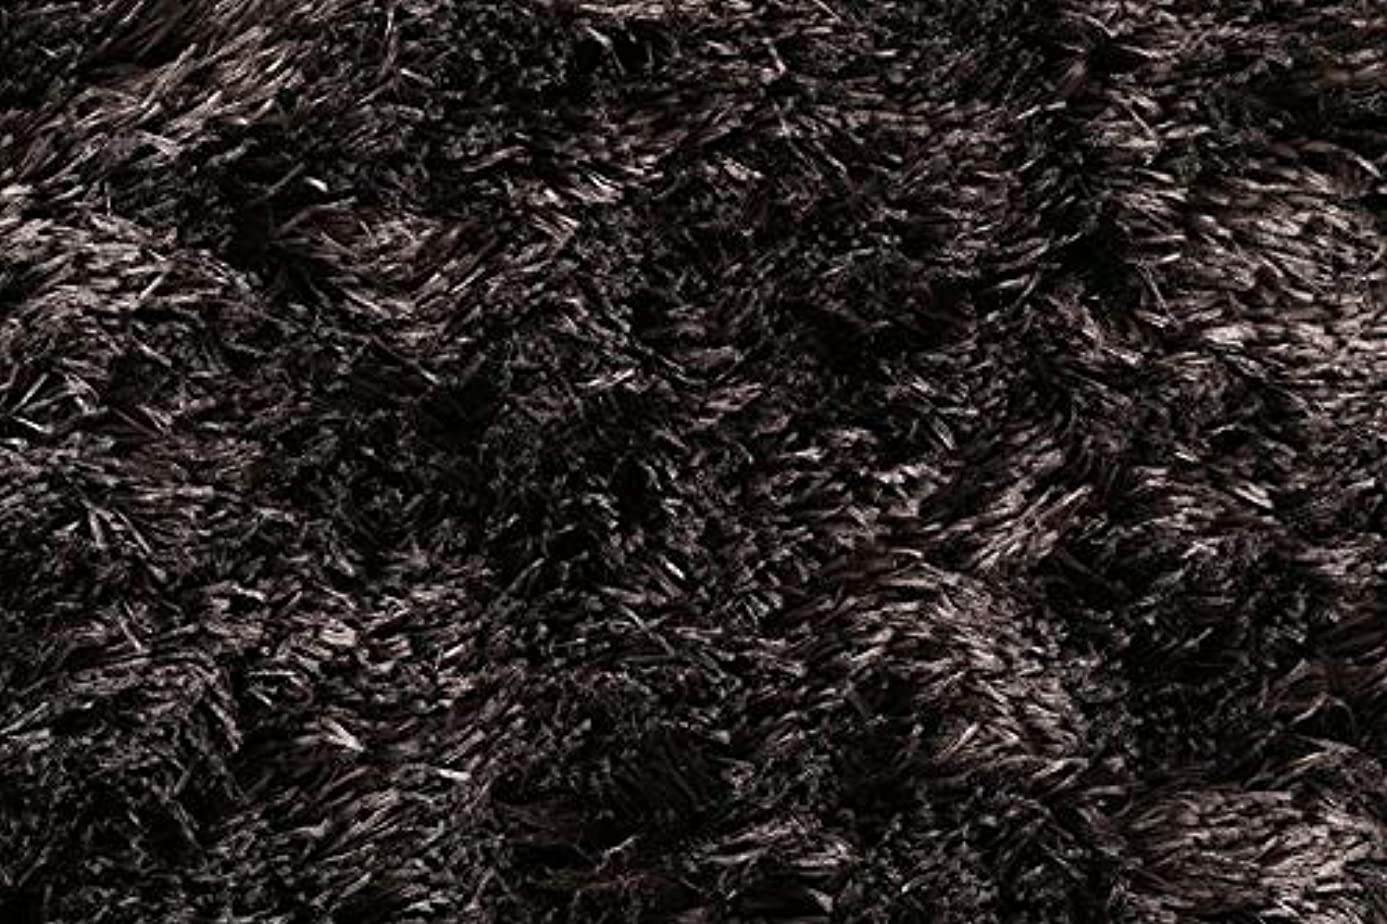 遺伝的権限敬意SEMI-TU 洗濯機で洗える シャギーラグ 100×150cm 楕円形 ラグマット 洗える 滑り止め 夏 北欧 ウレタン 小判型 (ブラウン) TU-500047012-201